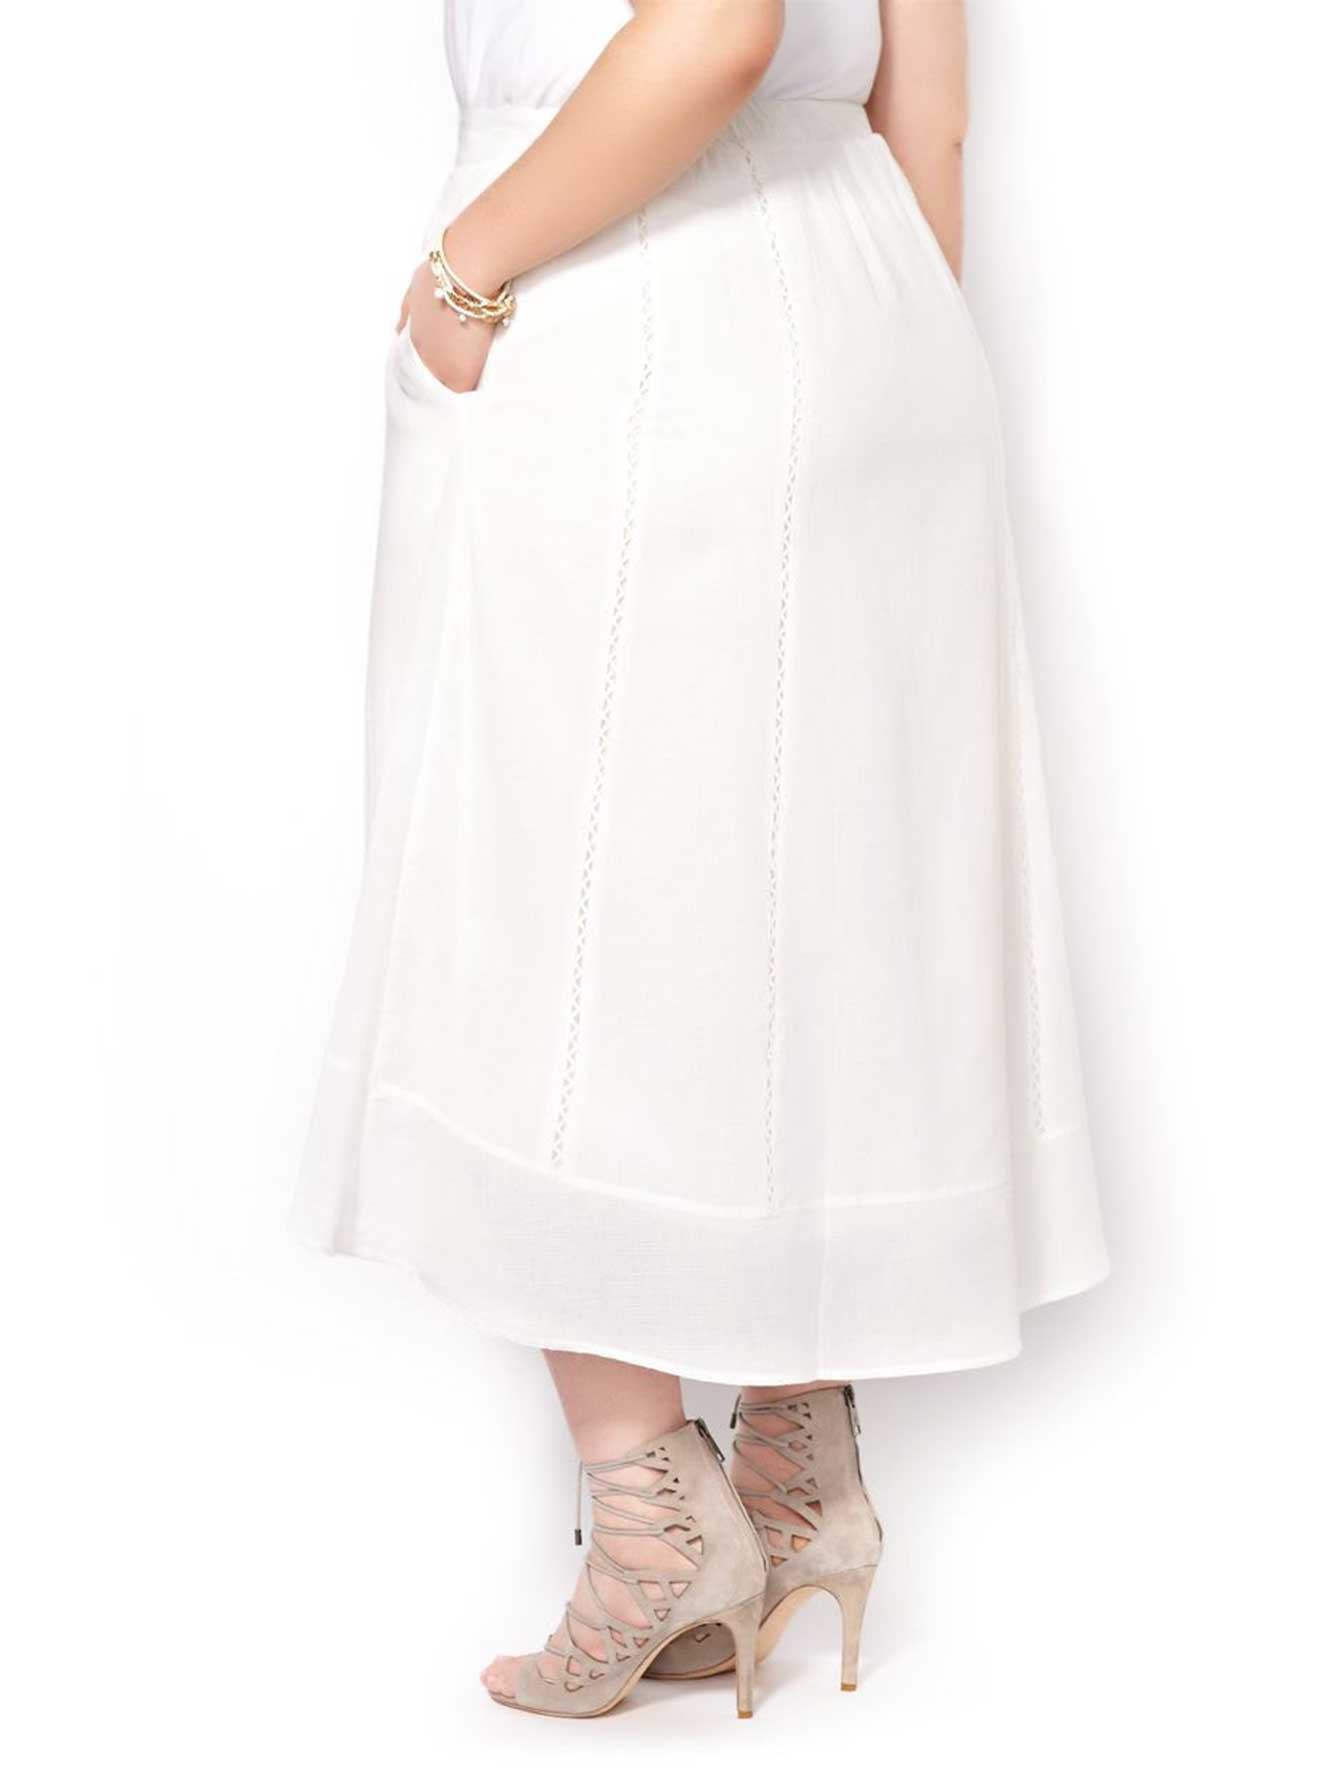 80e6afe0a55 MELISSA McCARTHY Cotton Maxi Skirt